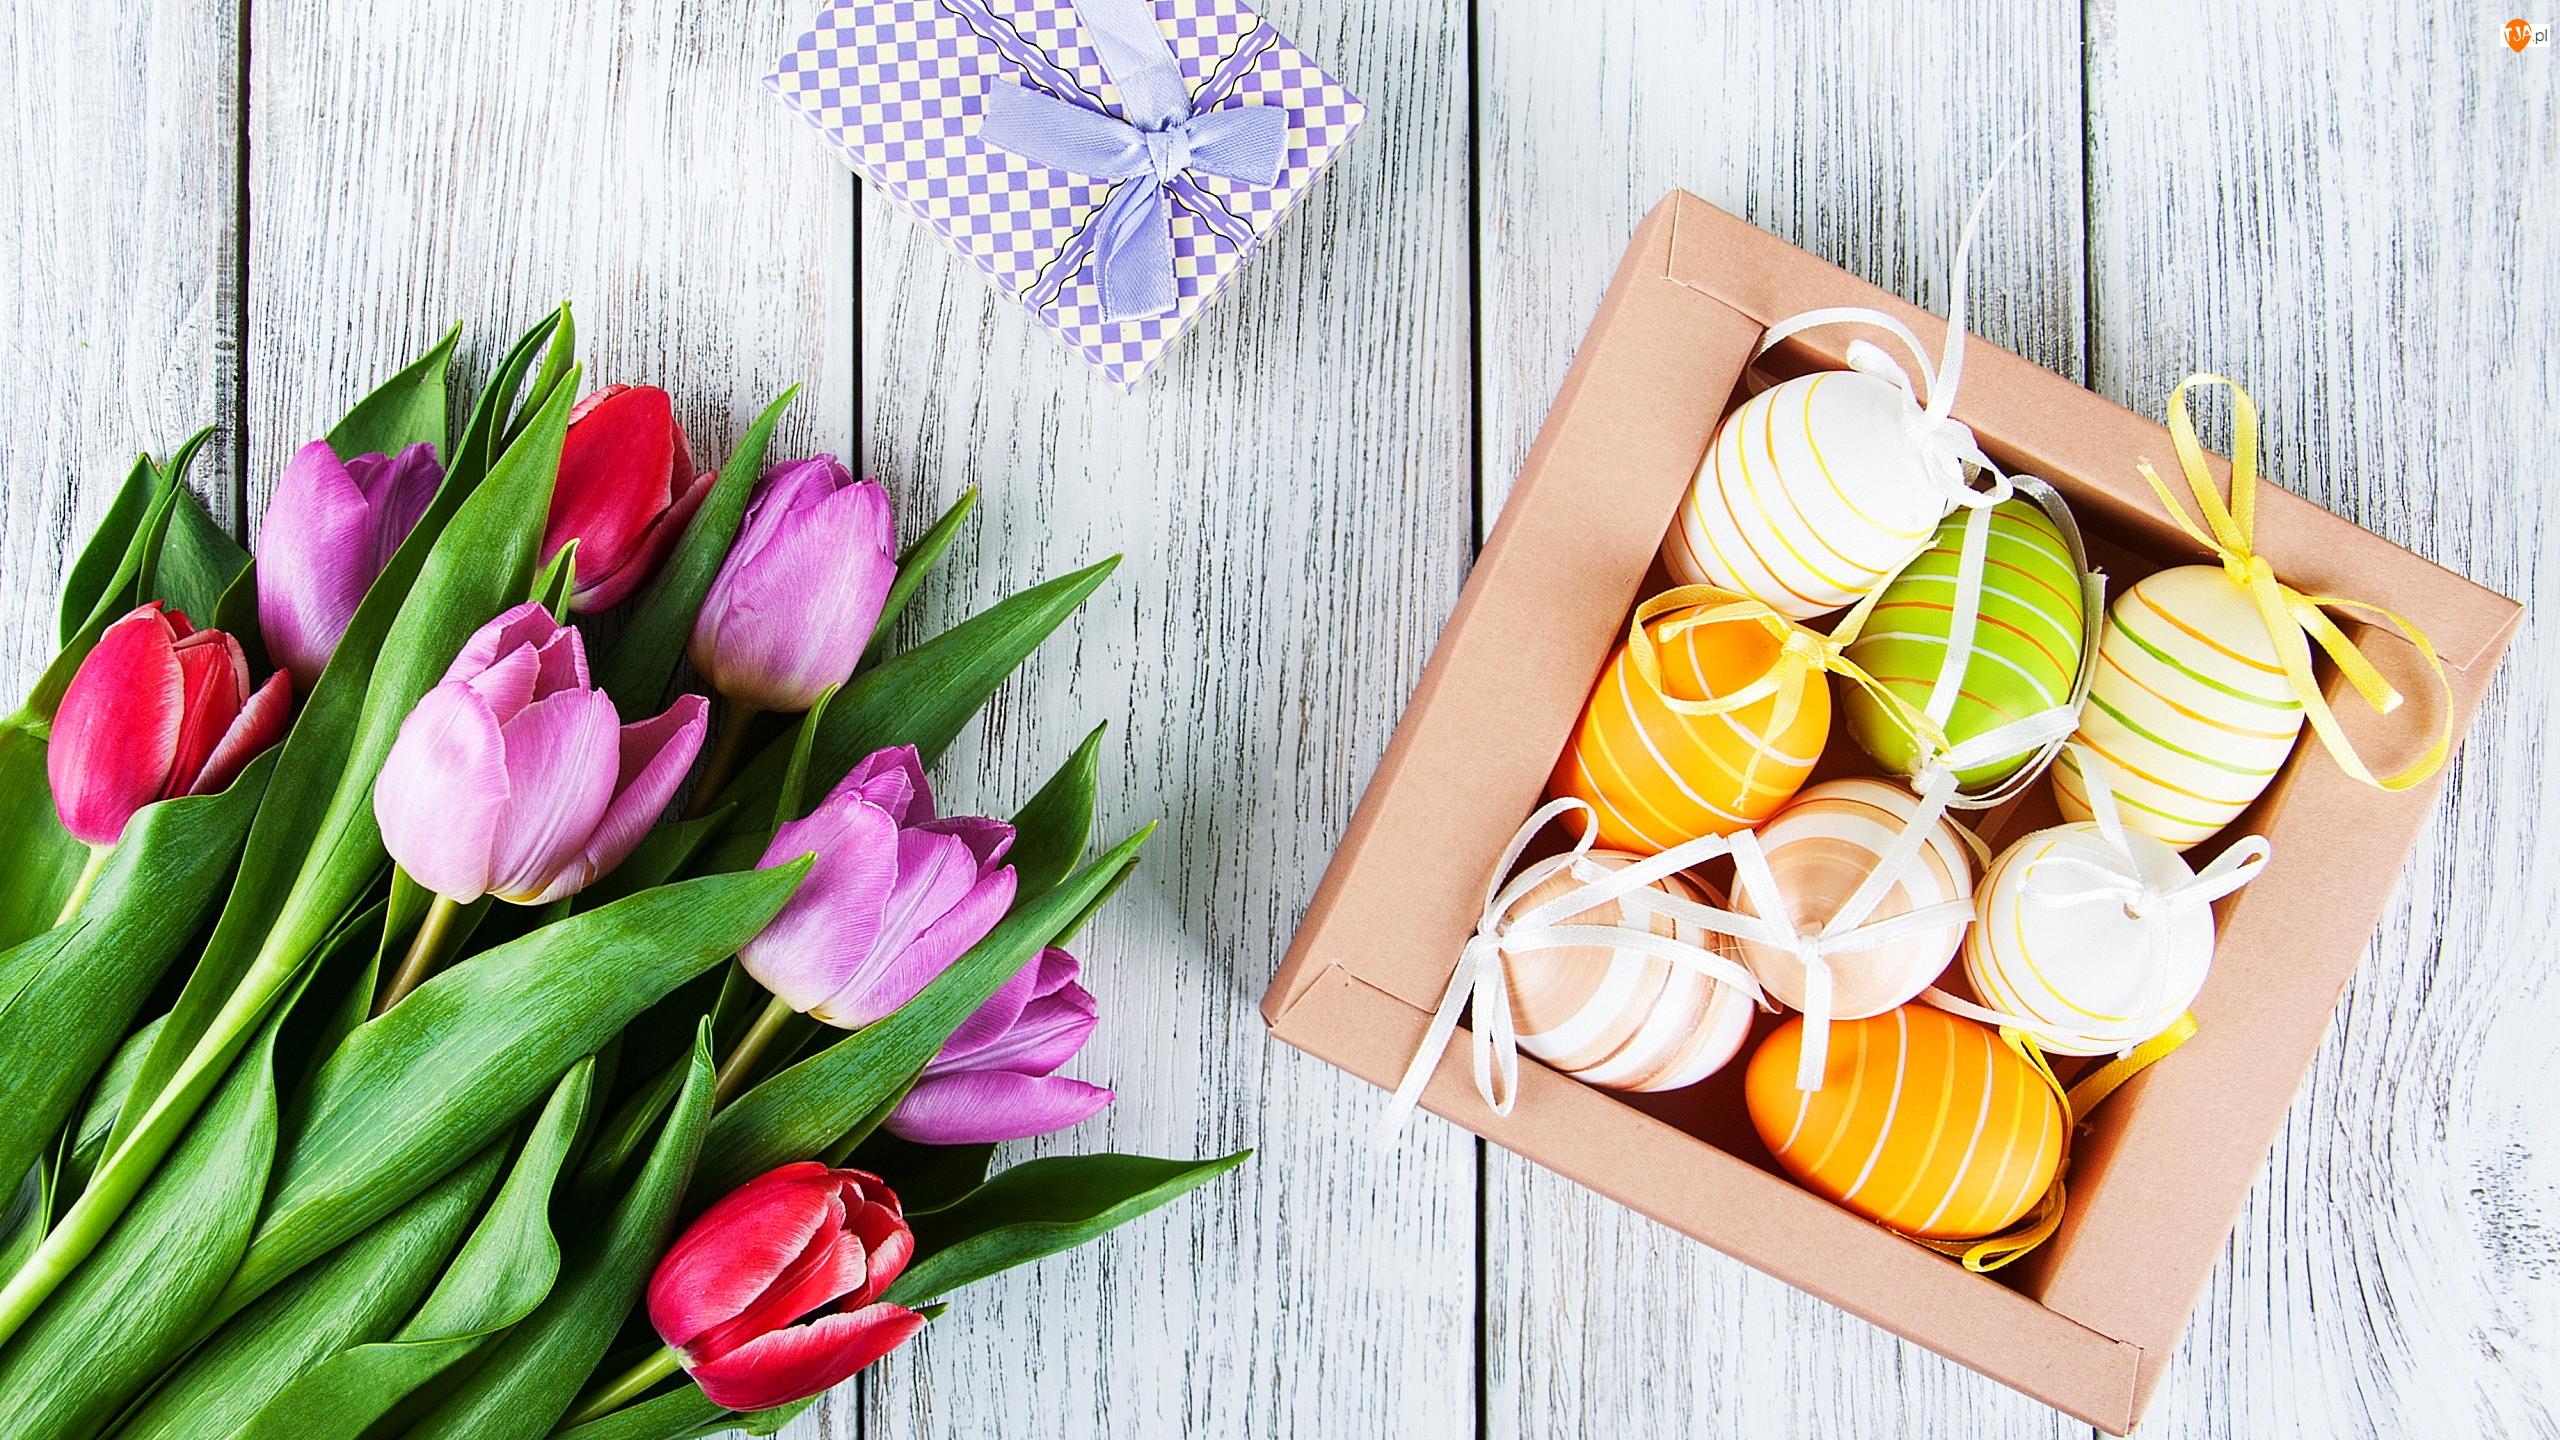 Pisanki, Wielkanoc, Prezent, Deski, Pudełko, Tulipany